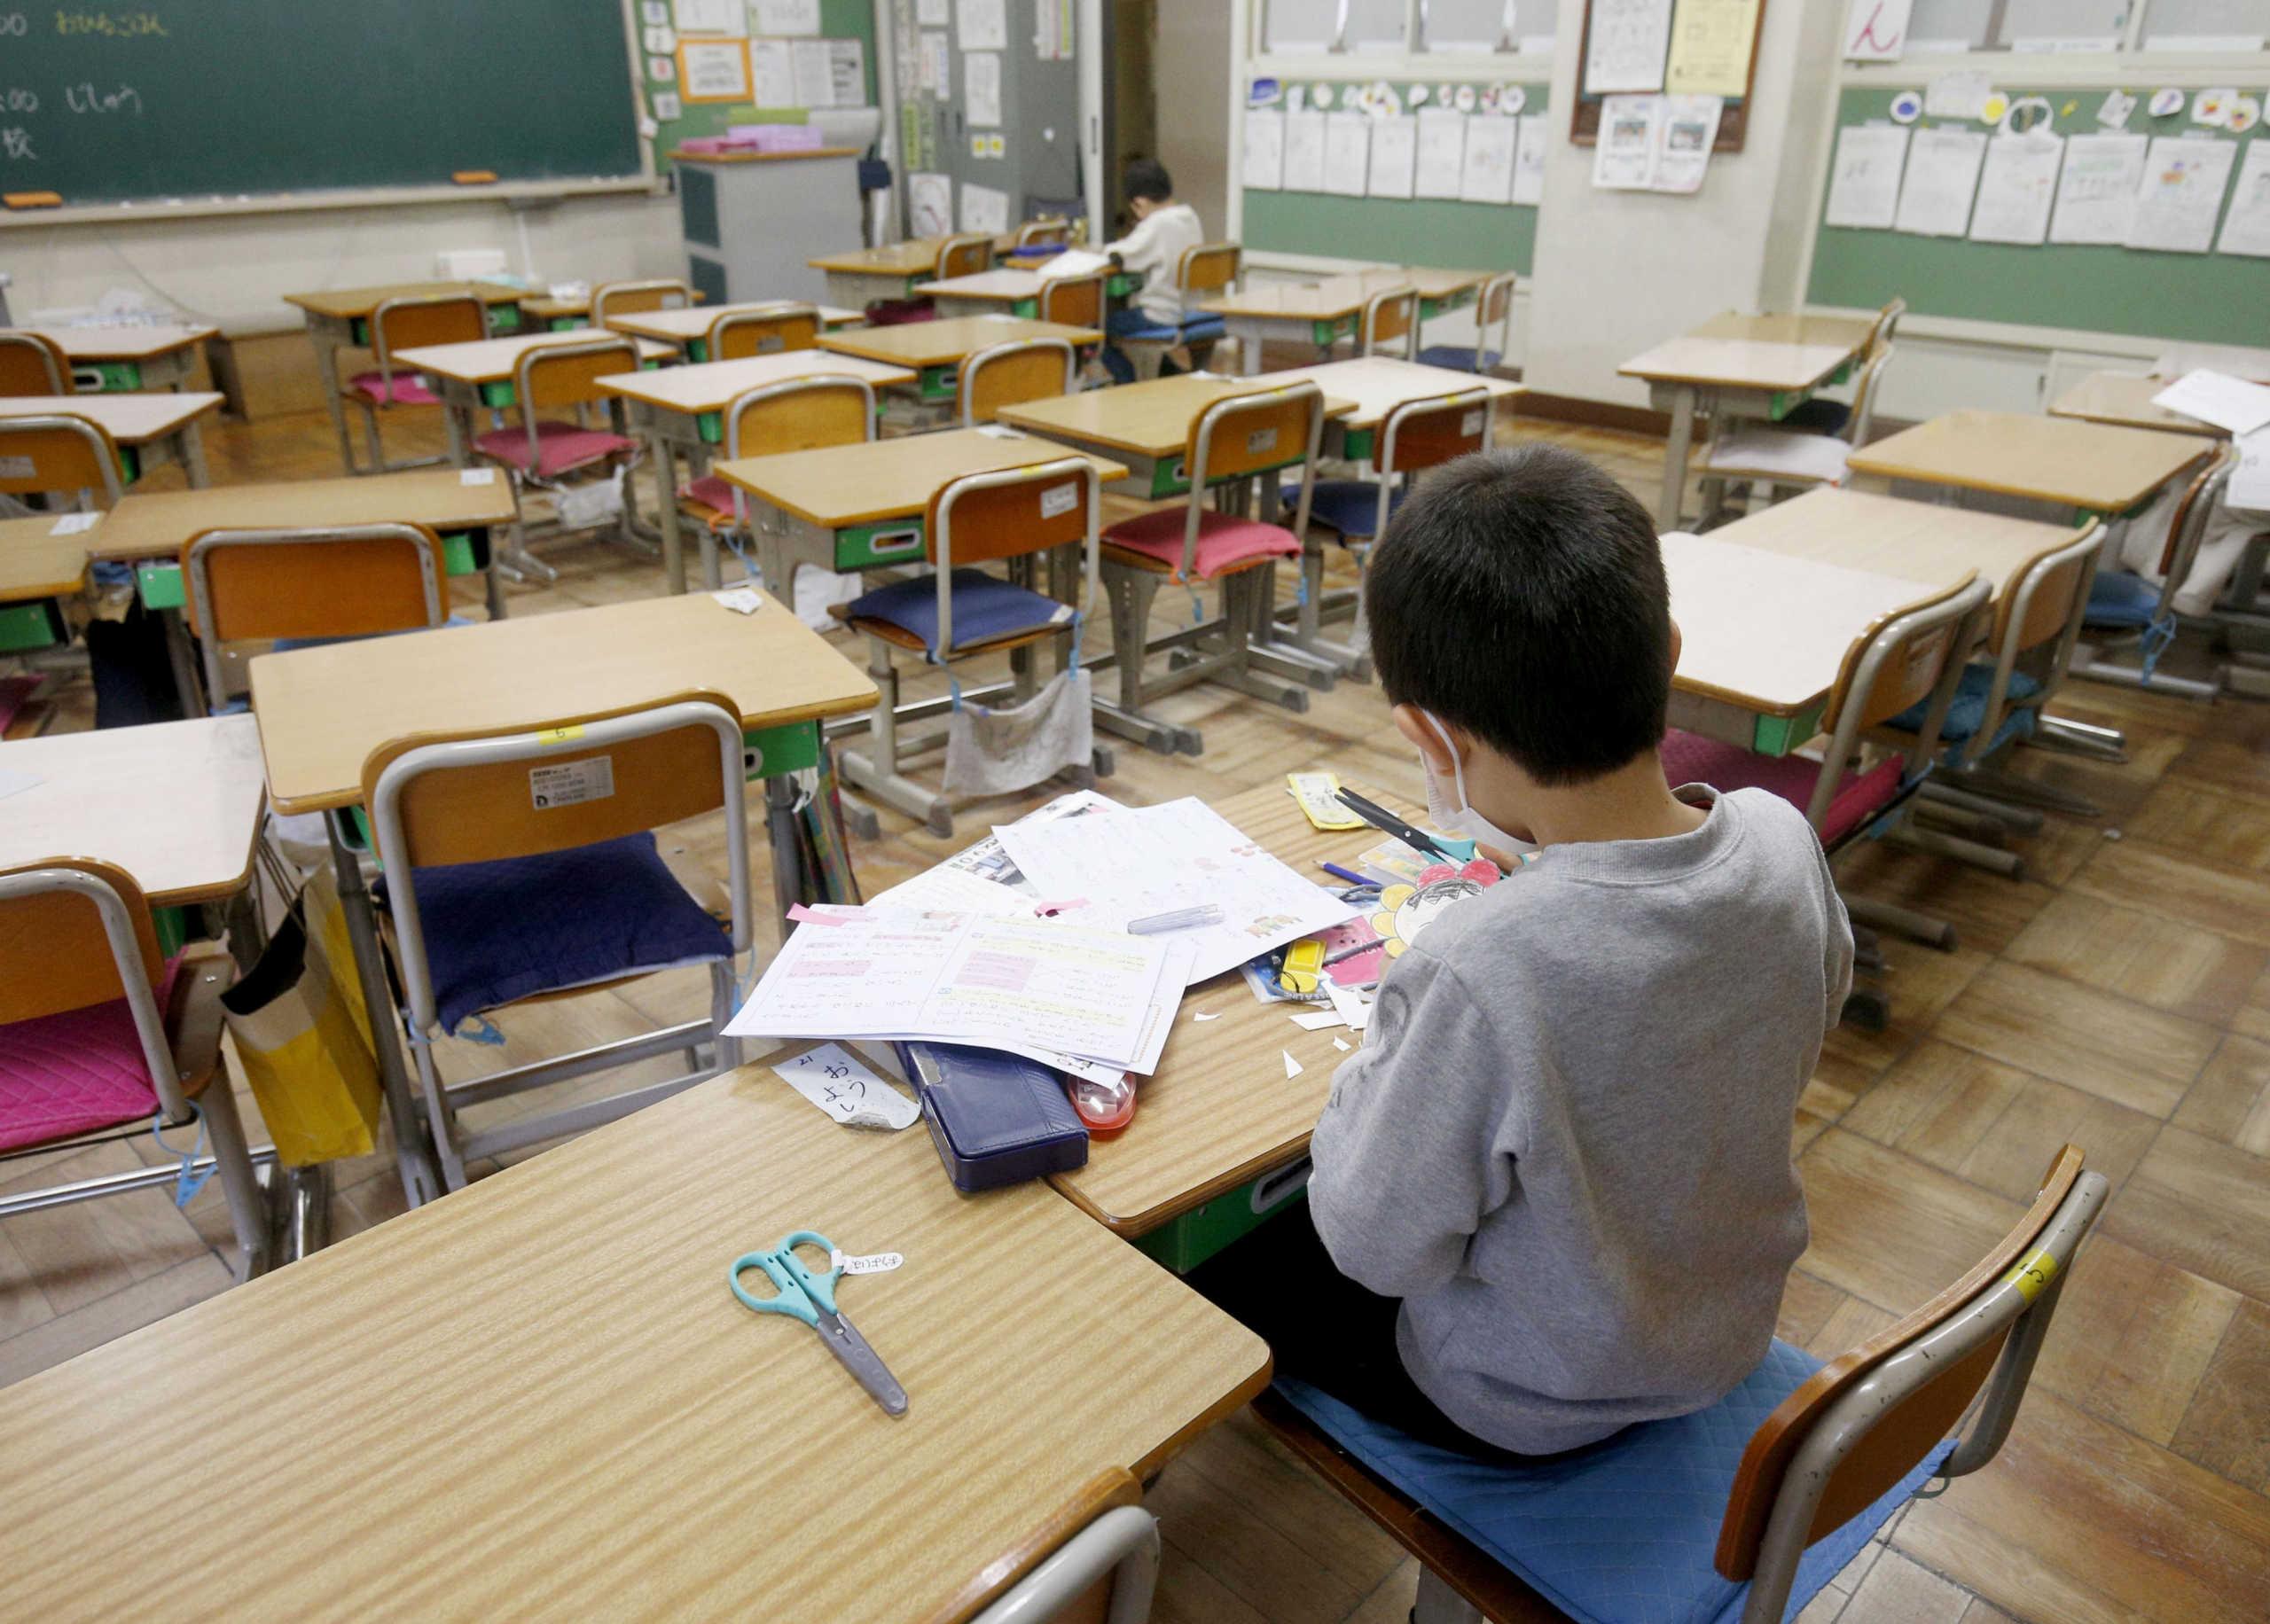 300 εκατομμύρια μαθητές δεν πάνε σχολείο λόγω του κορονοϊού!